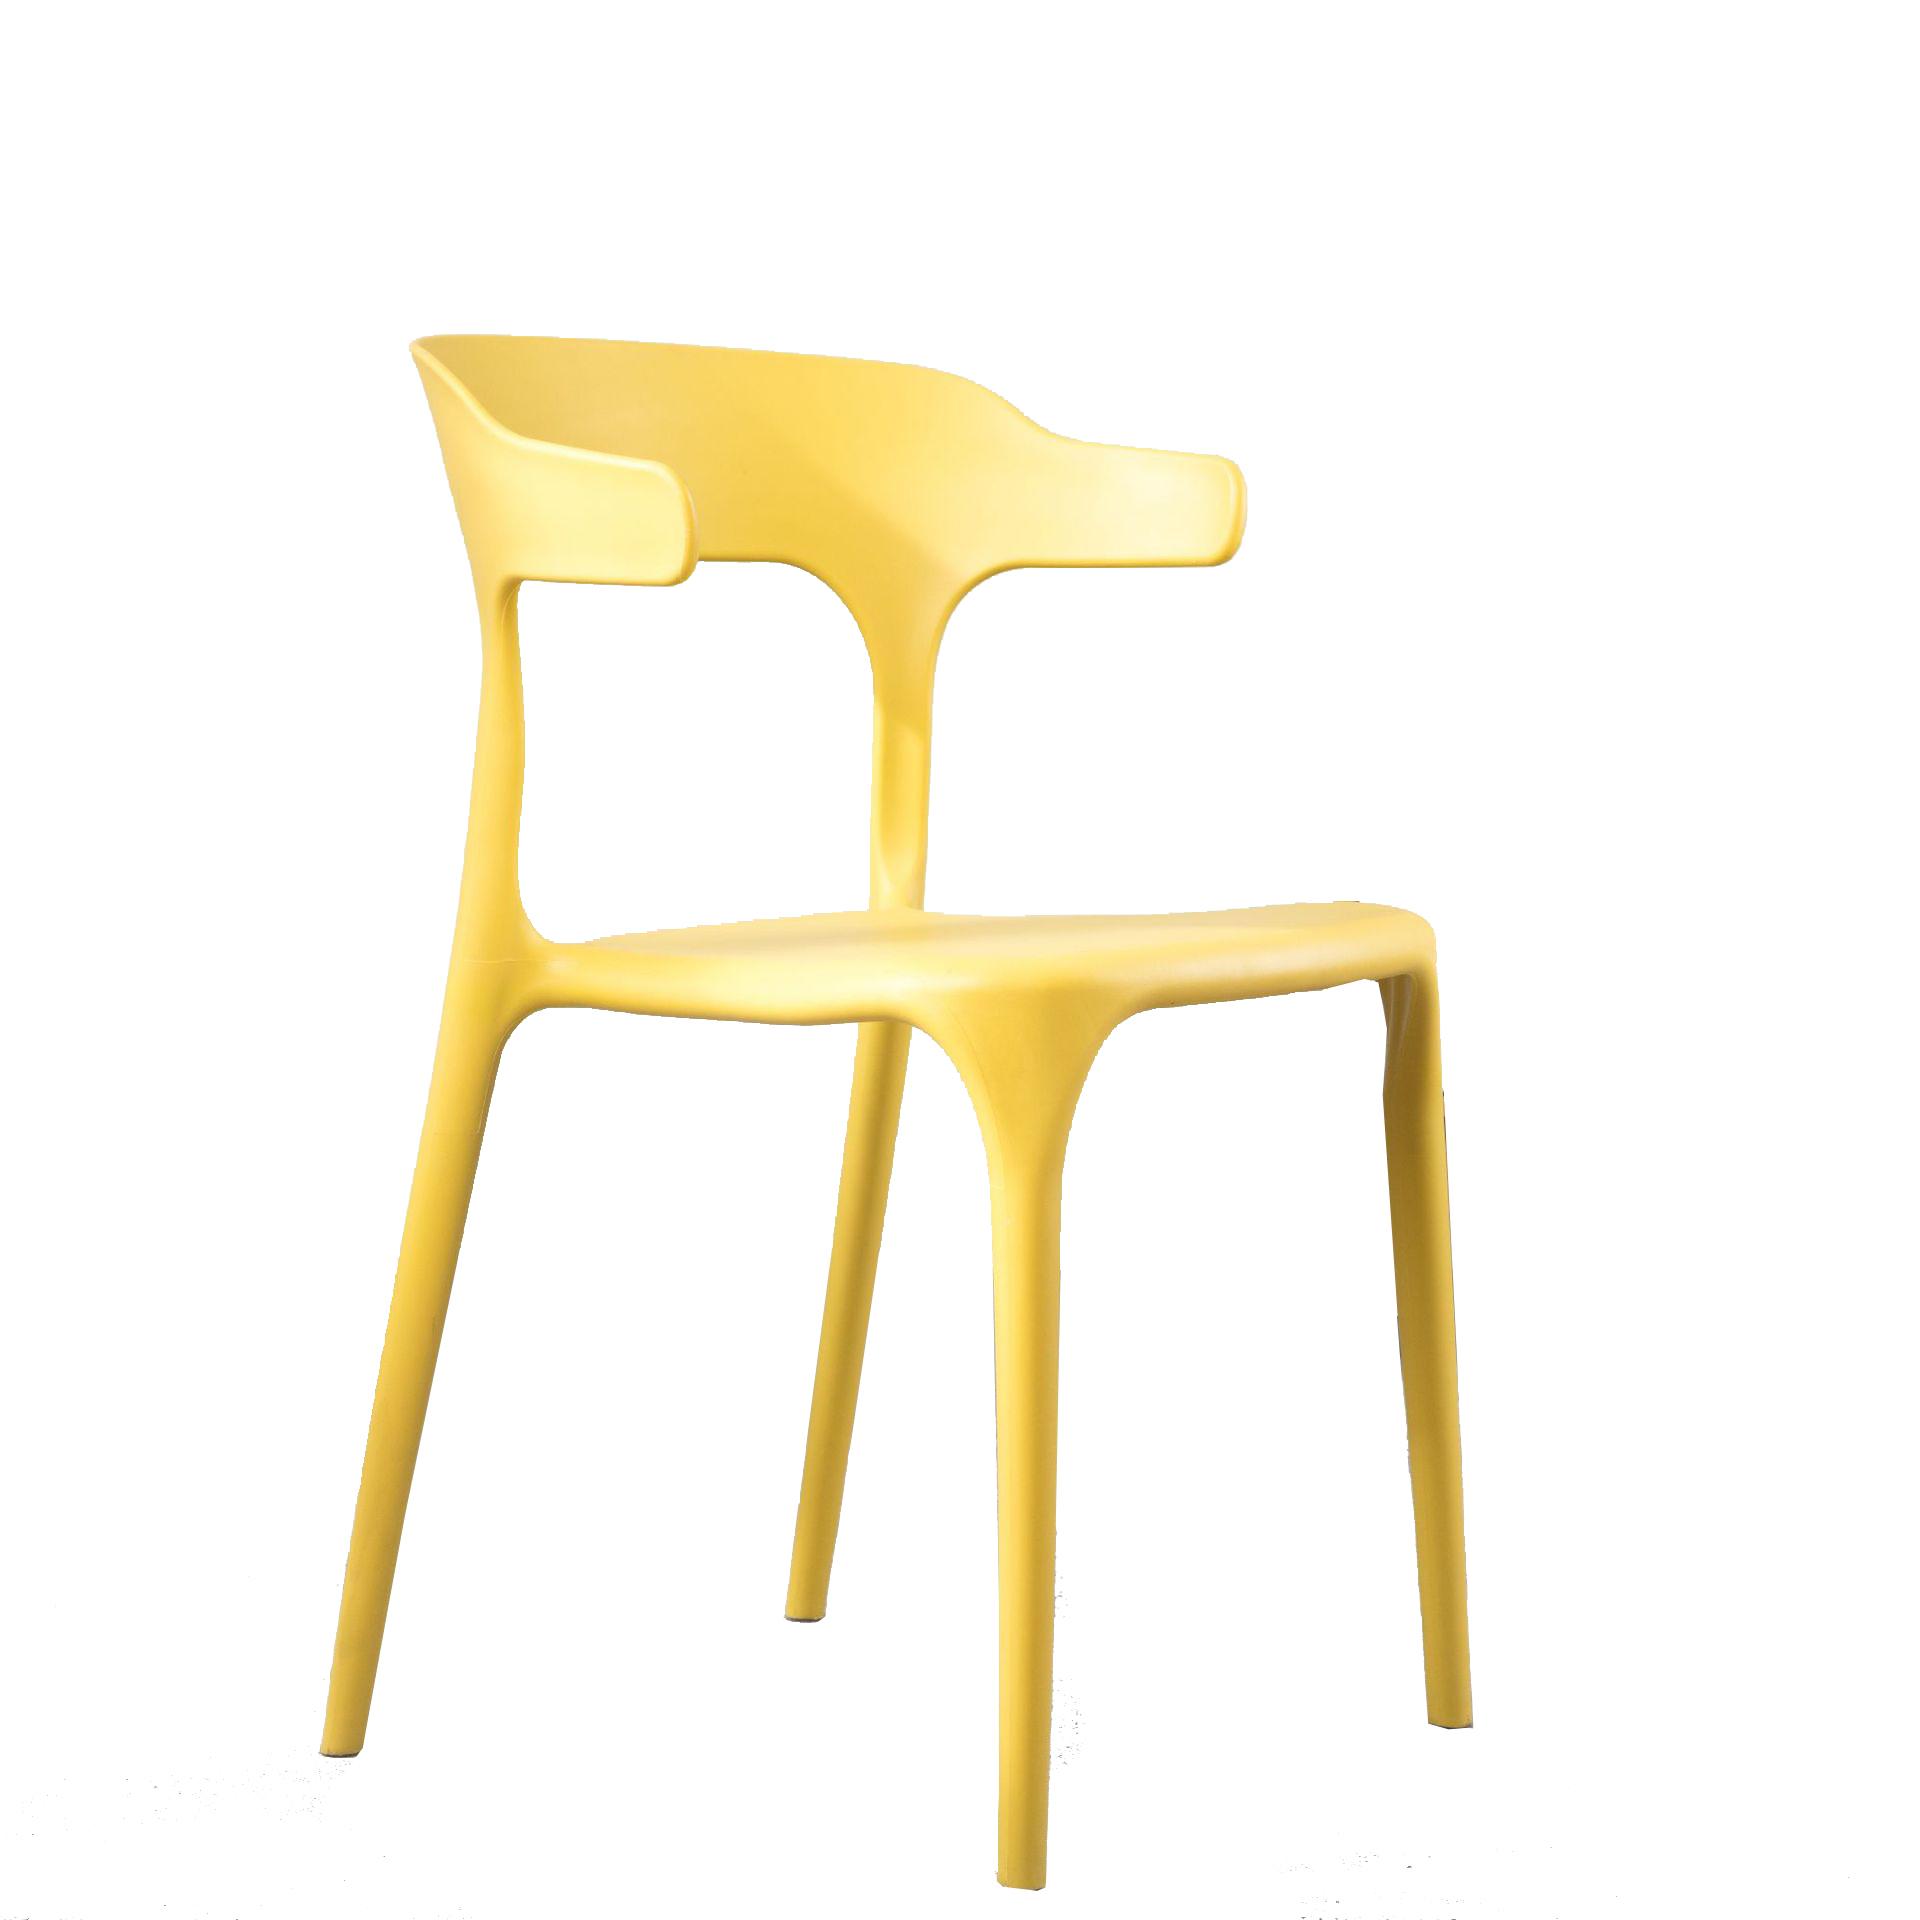 Venta al por mayor precios sillas para comedor-Compre online ...